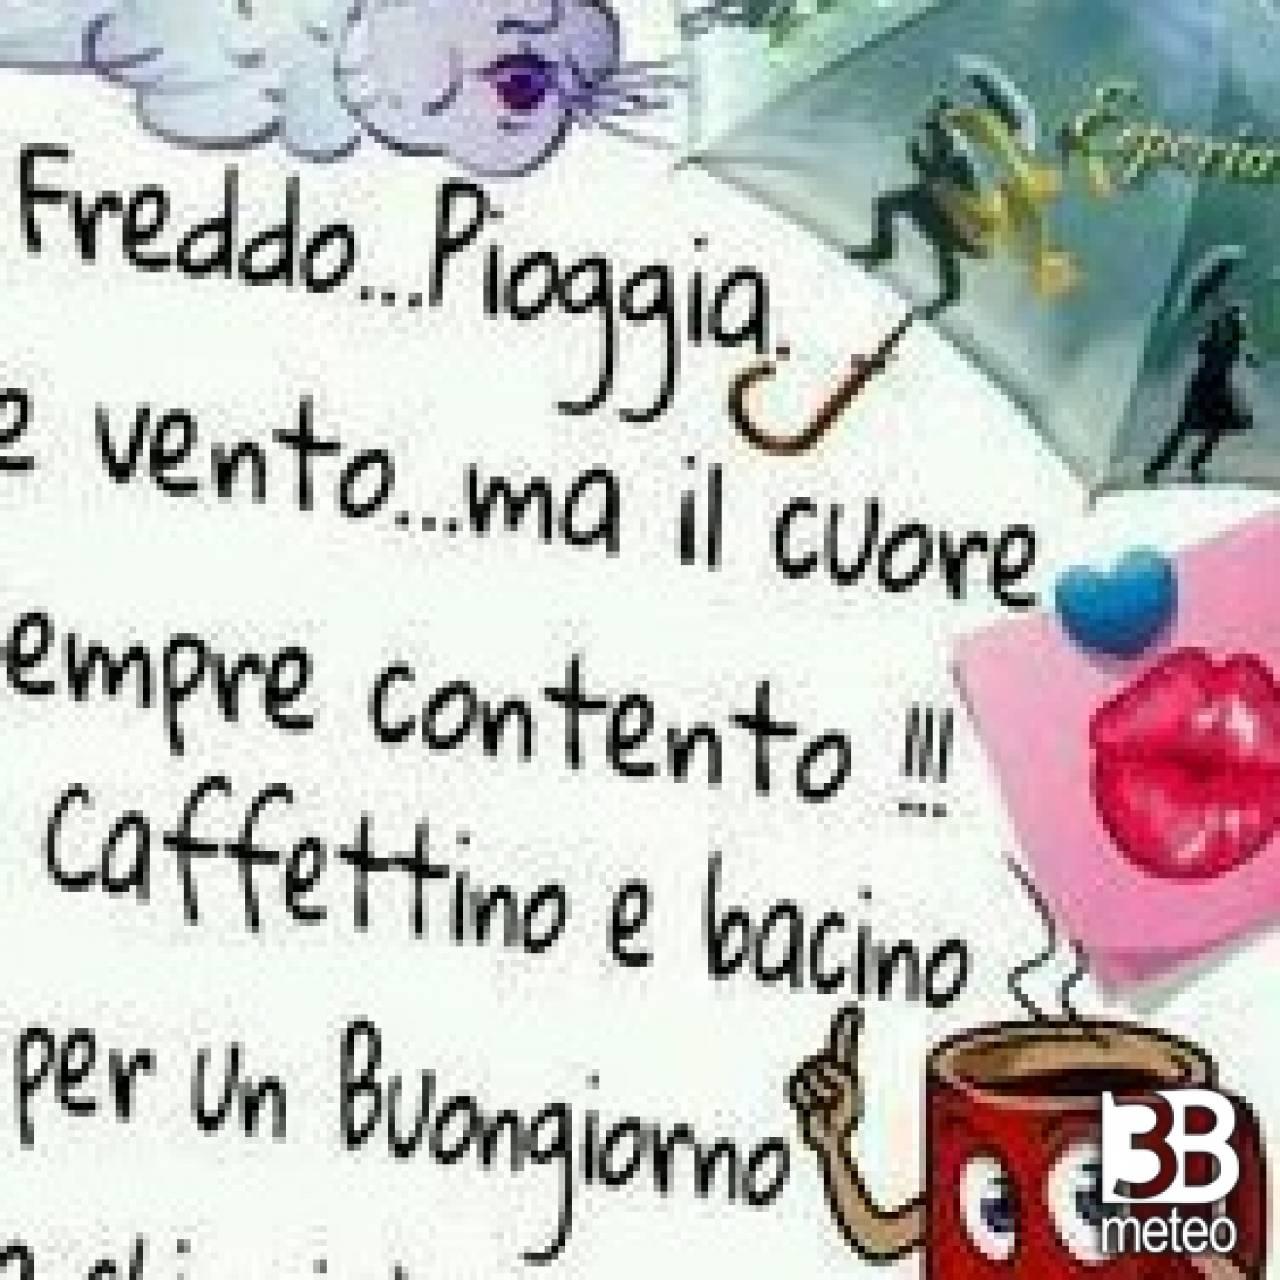 Poesia di buongiorno foto gallery 3b meteo for Foto immagini buongiorno